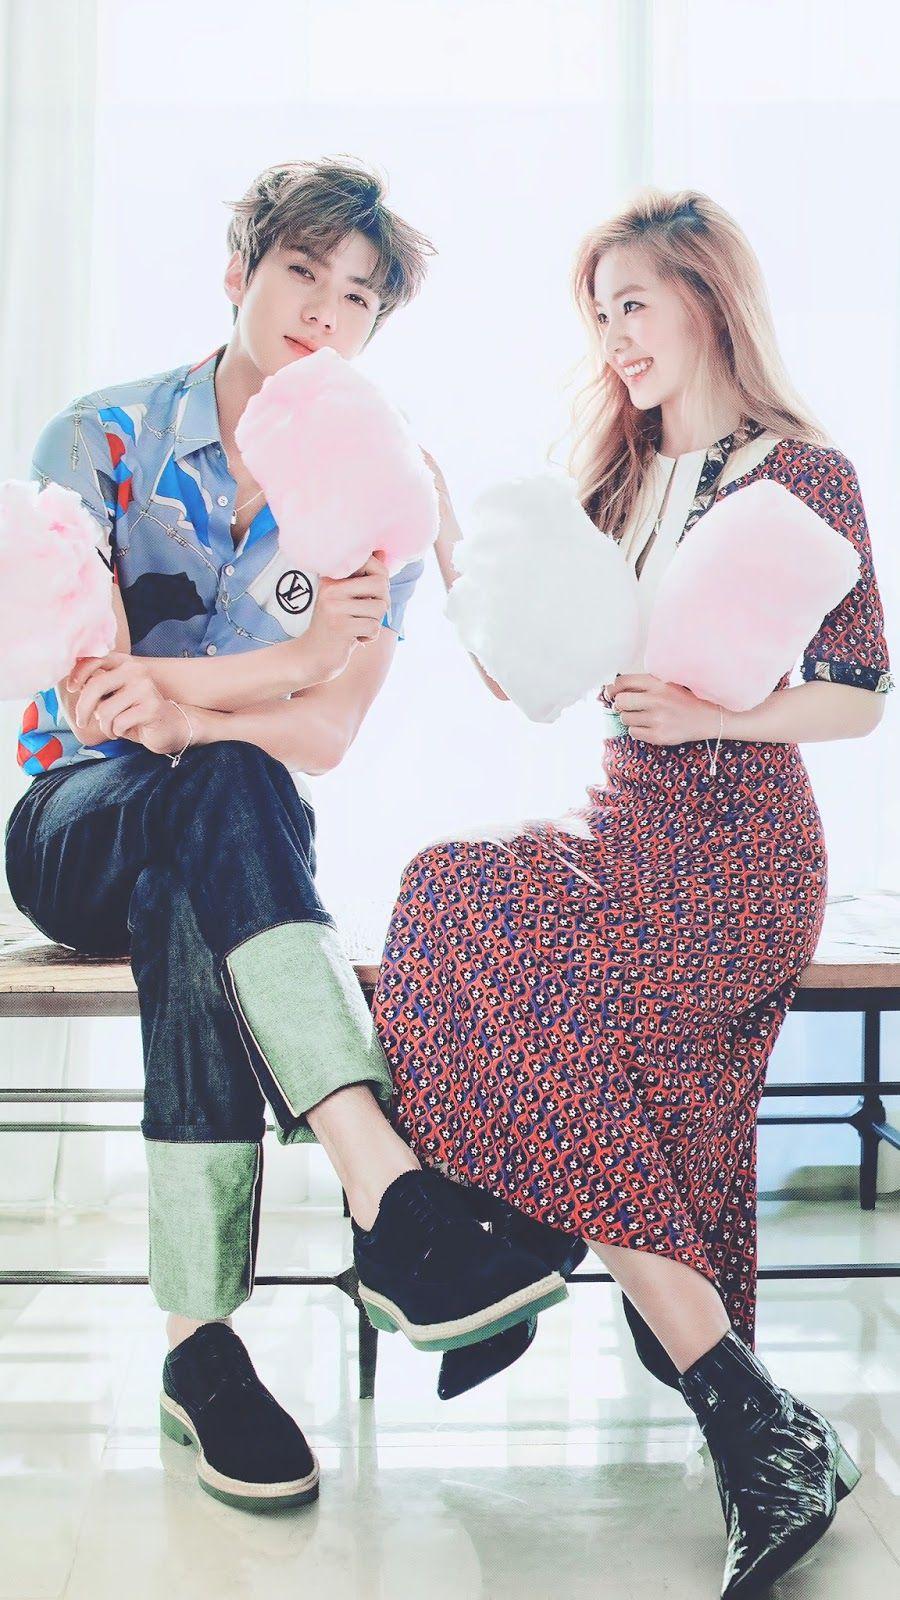 Daeun and sehun dating quotes